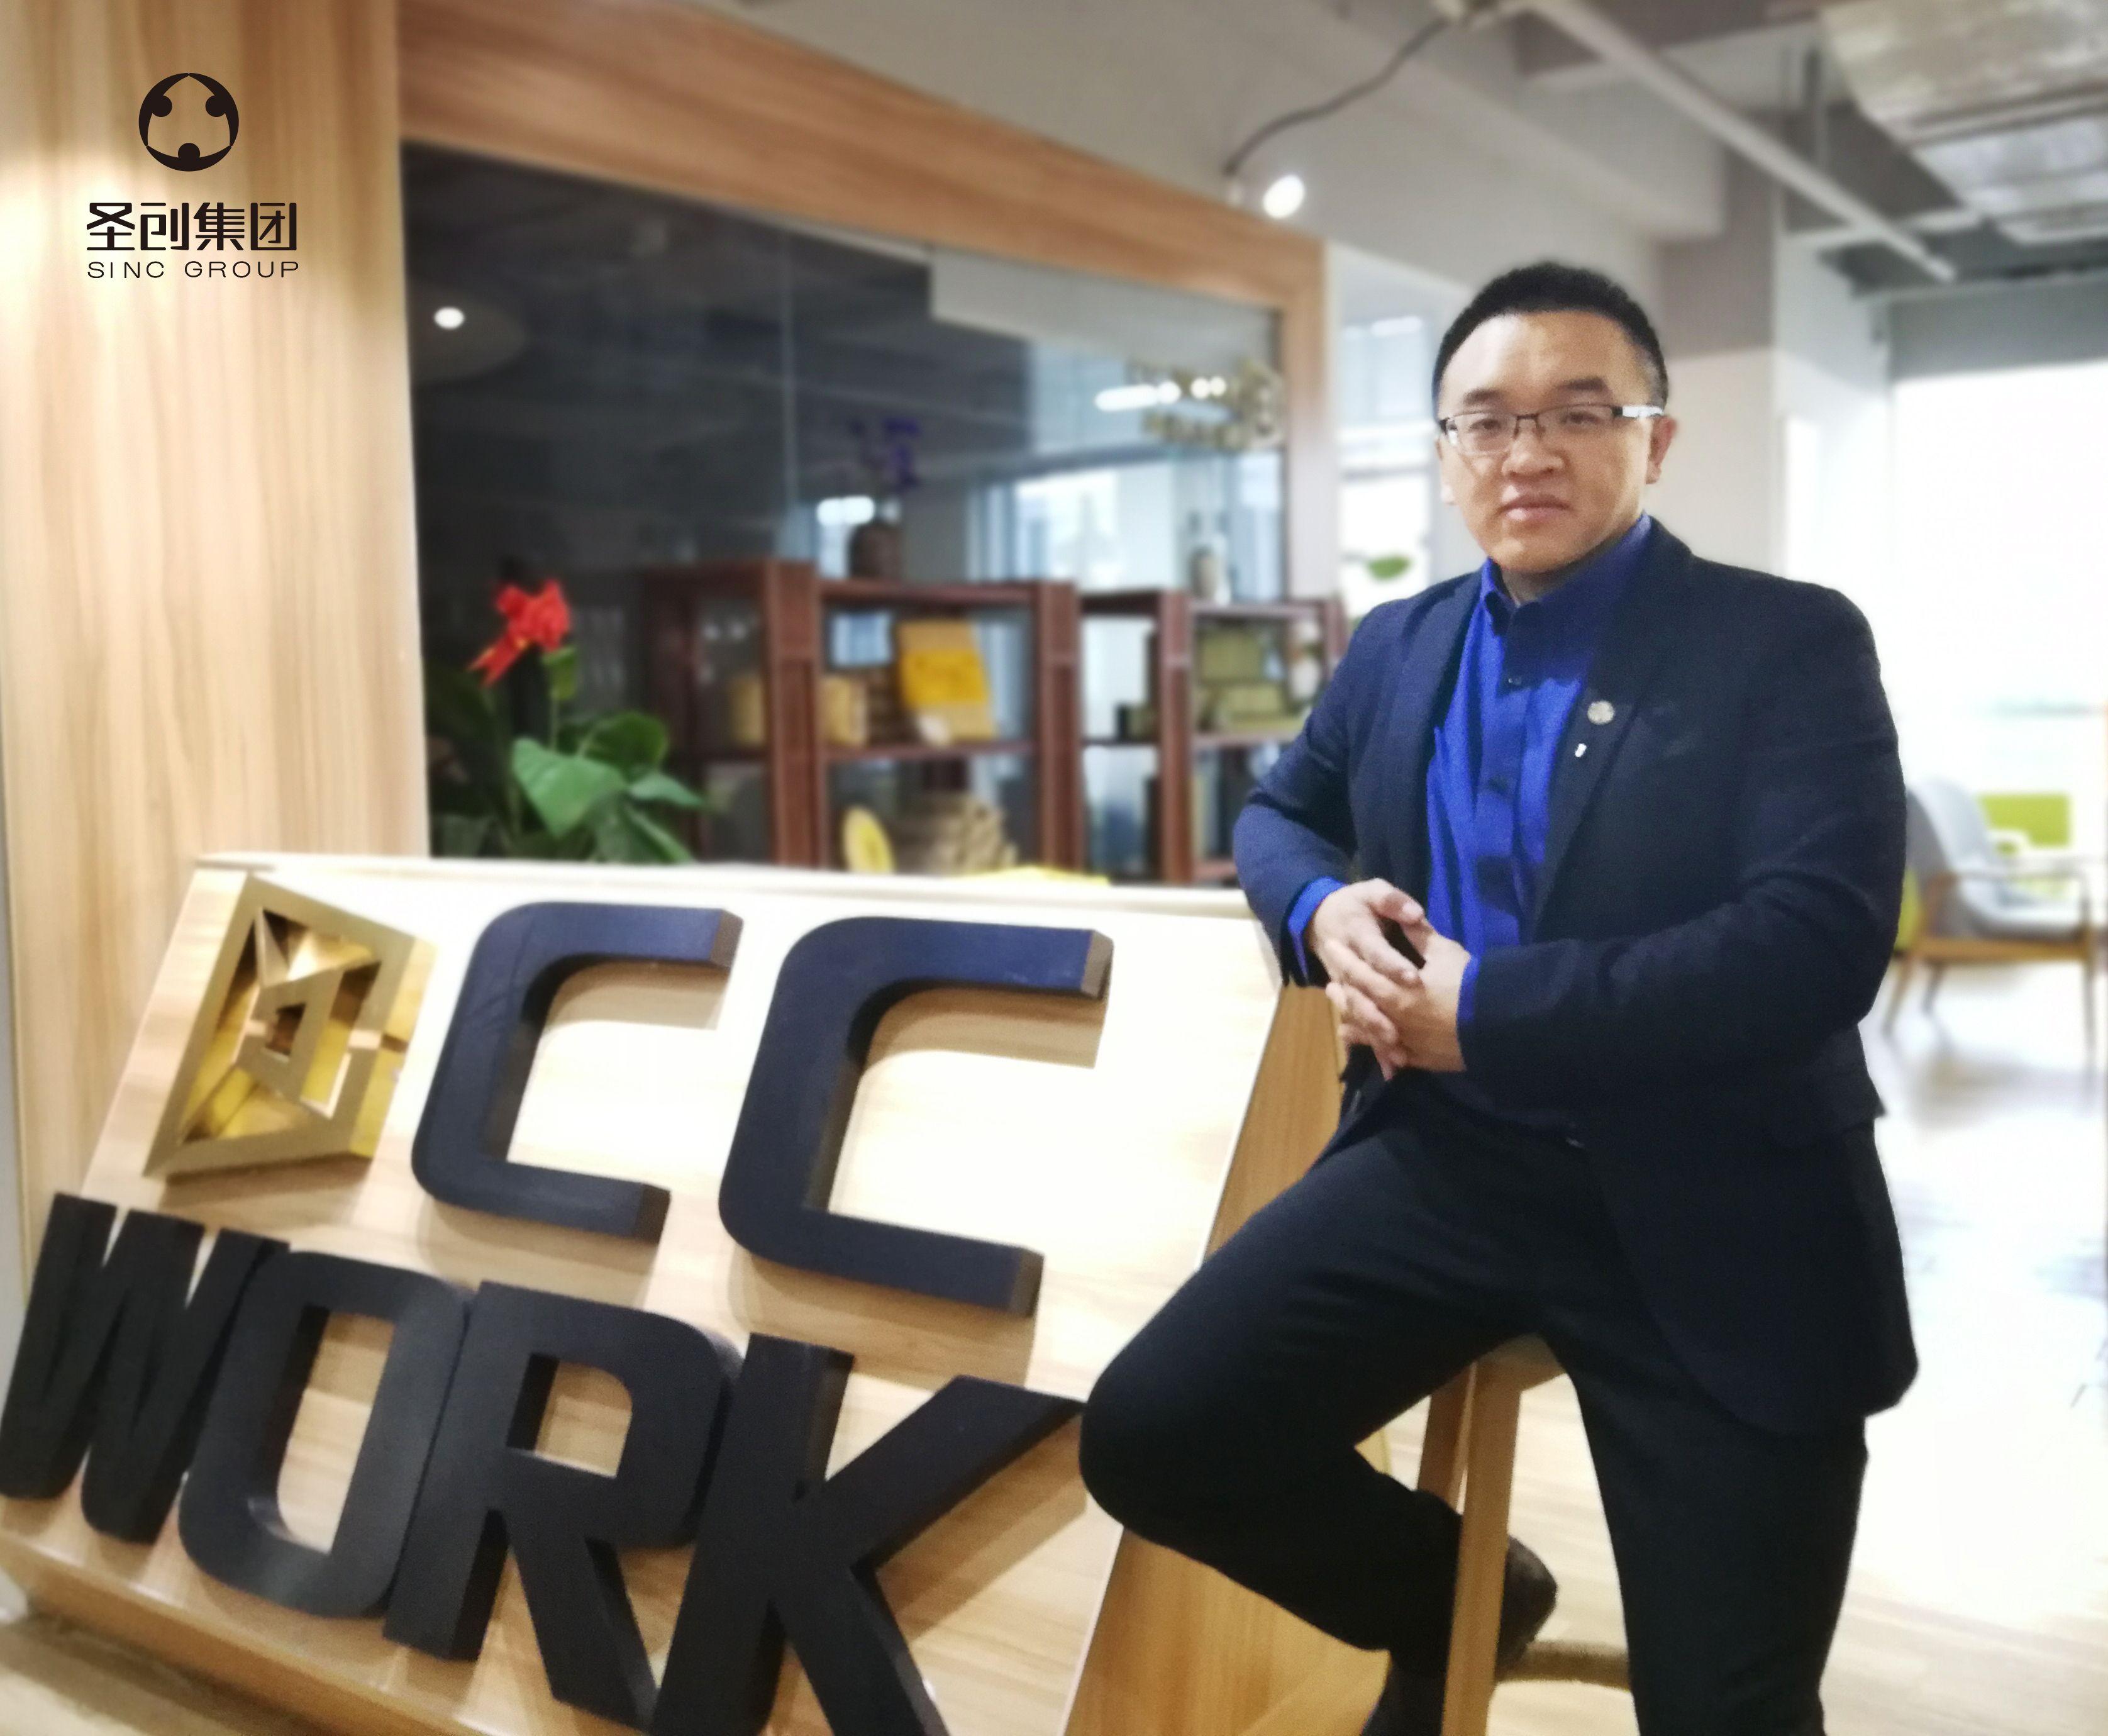 成为楼宇产业化运营的引领者——专访山东圣创商业运营管理集团董事长王兴国